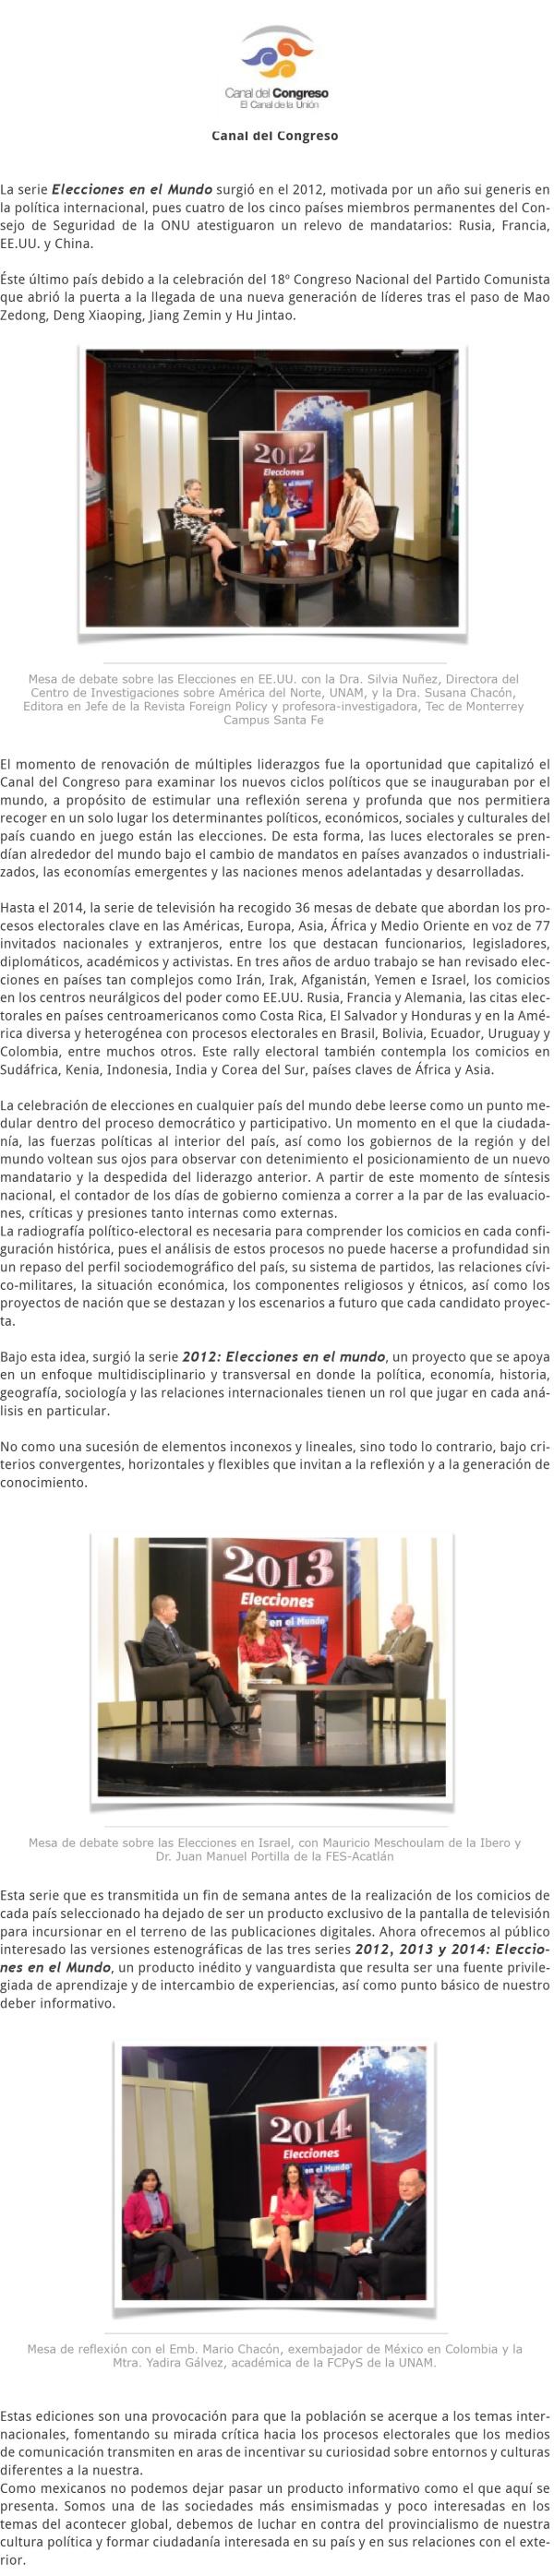 2012-2014 ELECCIONES EN EL MUNDO